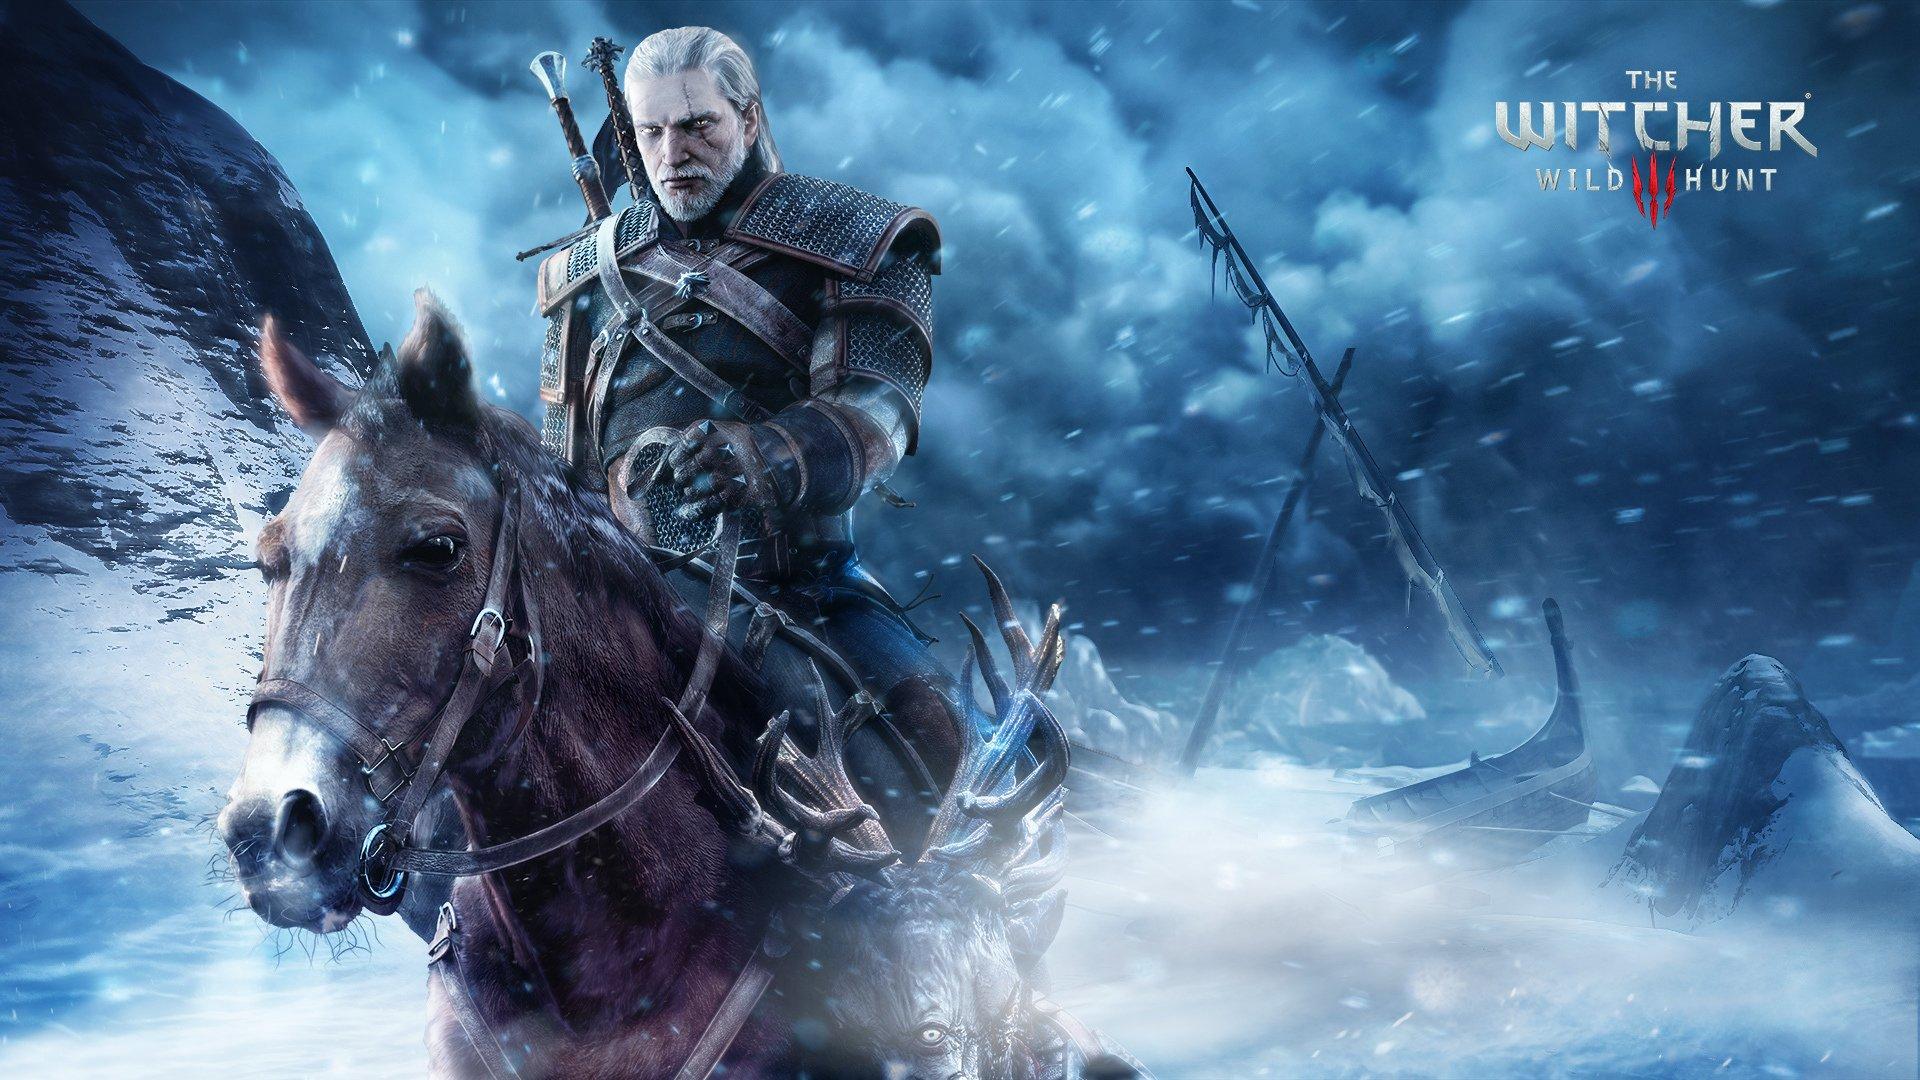 The Witcher 3: Wild Hunt. Оценки!  GameSpot — 10/10  Одна из лучших игр в истории  GameGuru - 10/10 Gameswelt - 10/ .... - Изображение 4